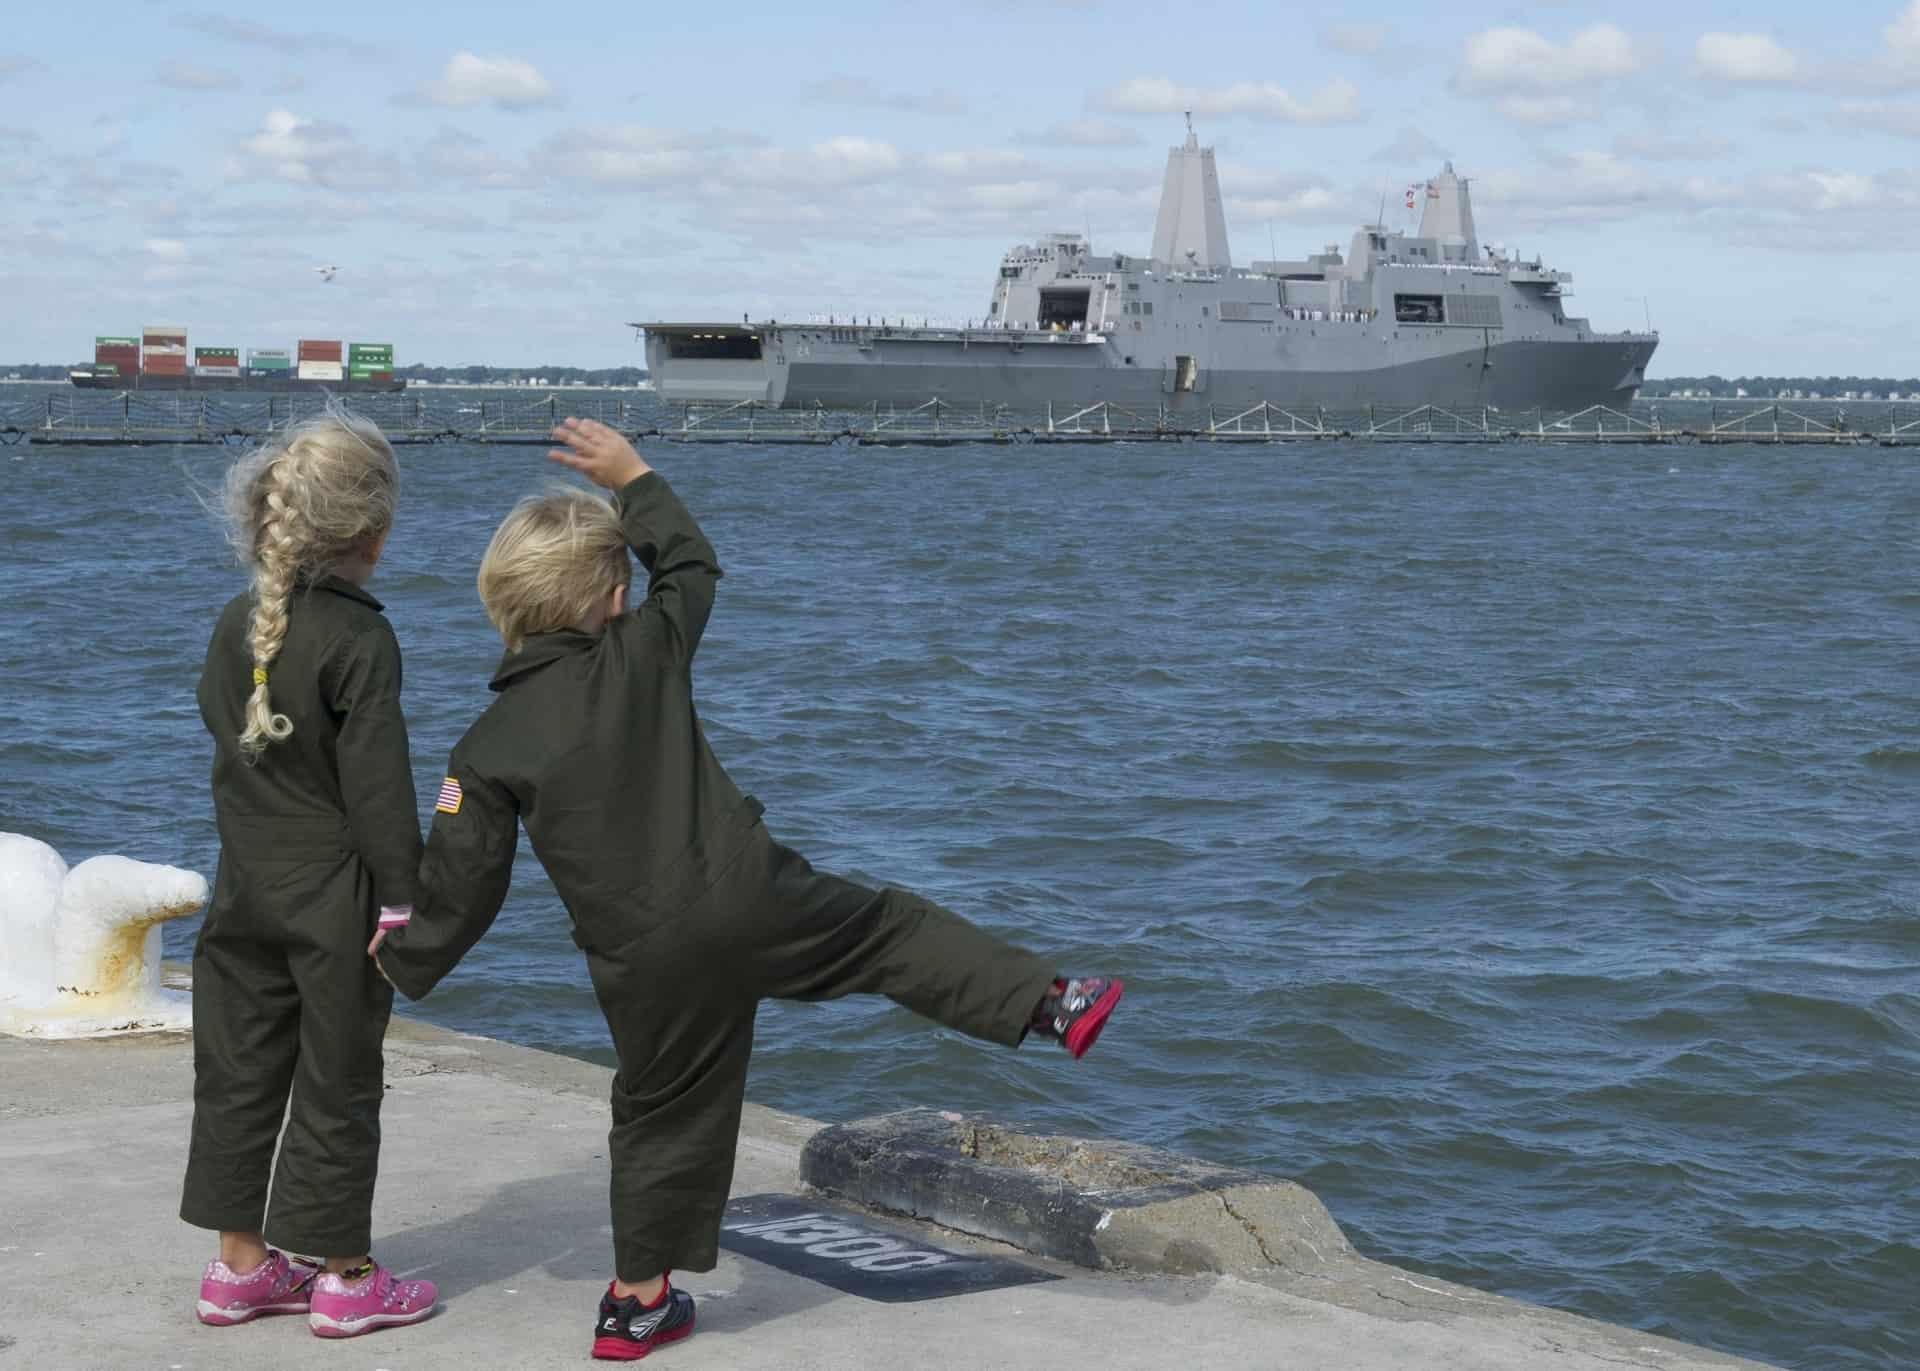 Children Waving to Ship